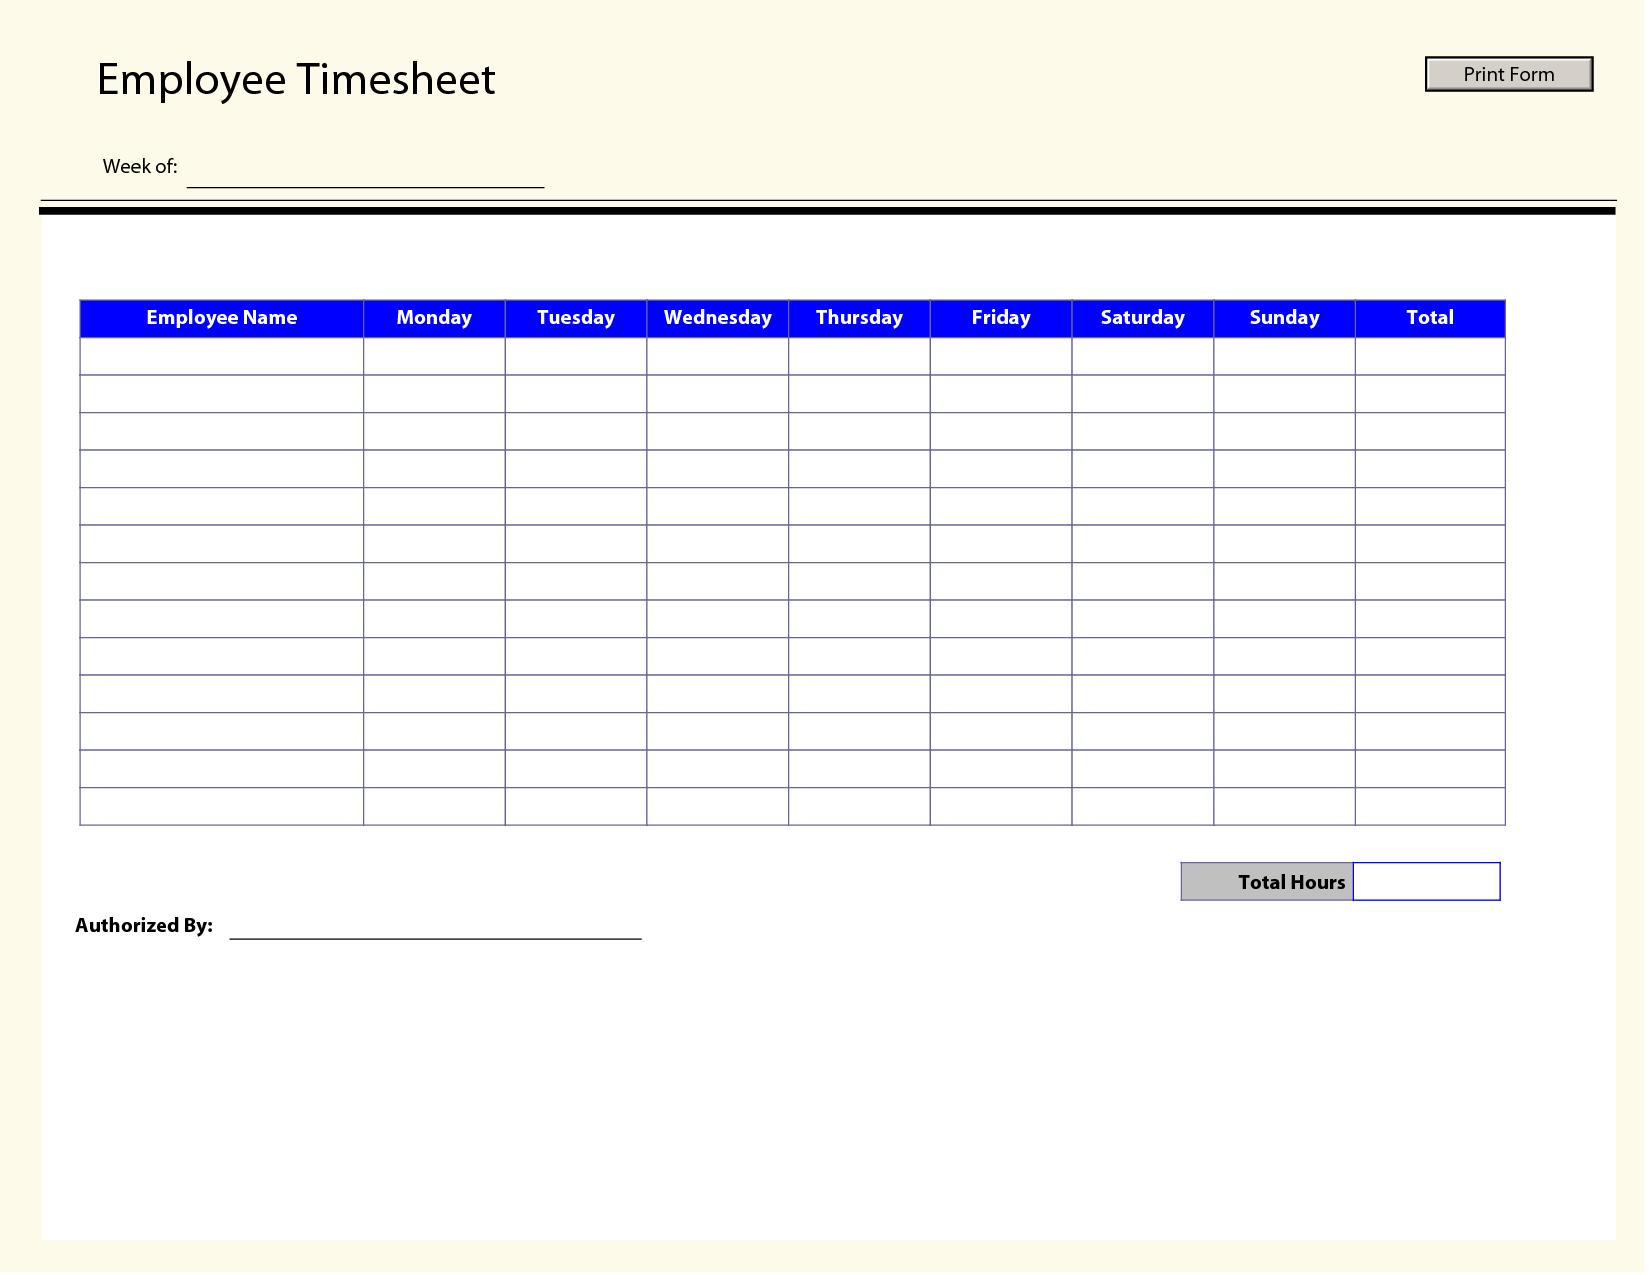 Printable Time Sheets | Free Printable Employee Timesheets Employee - Timesheet Template Free Printable